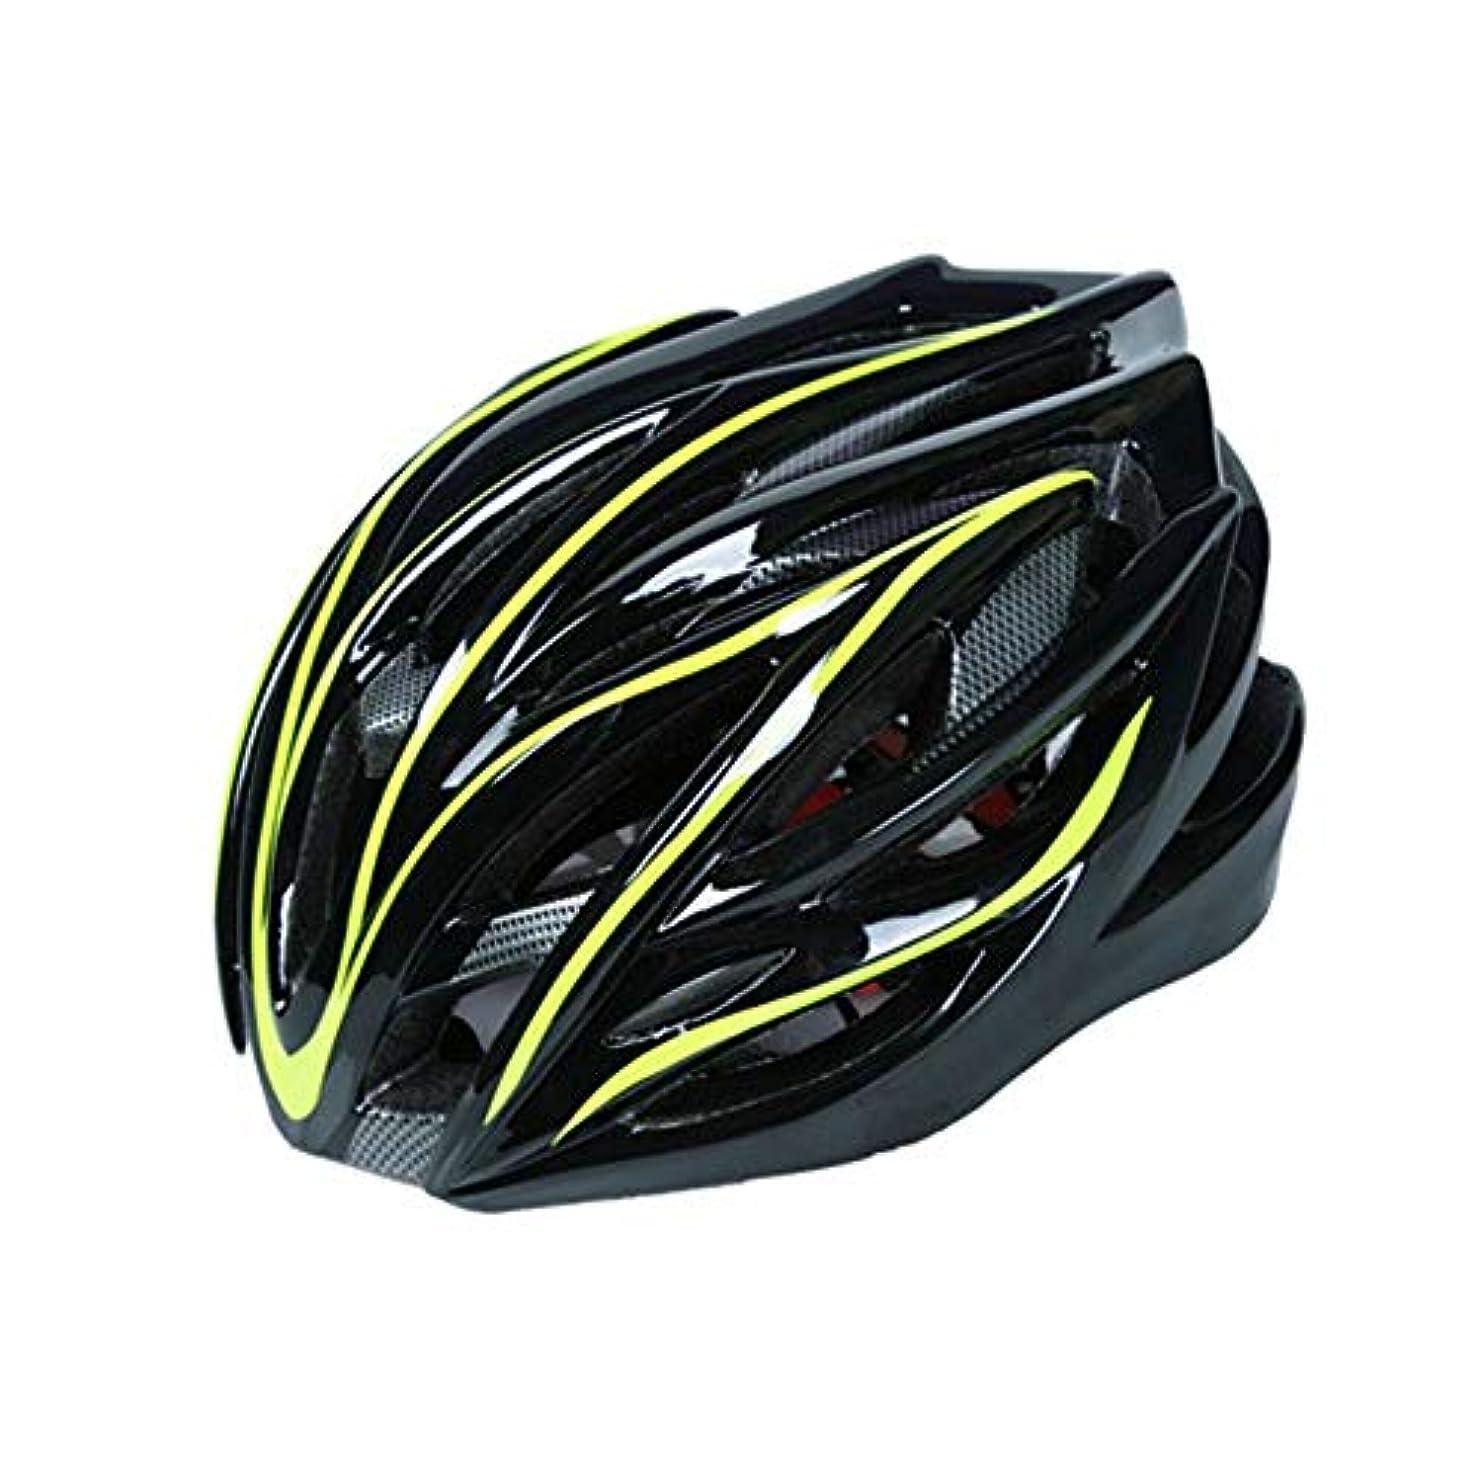 スカーフ労働楽観ETH ワンピースEPS自転車ヘルメット乗馬ヘルメットマウンテンバイクヘルメットヘッド円周調整可能 保護 (色 : Yellow)